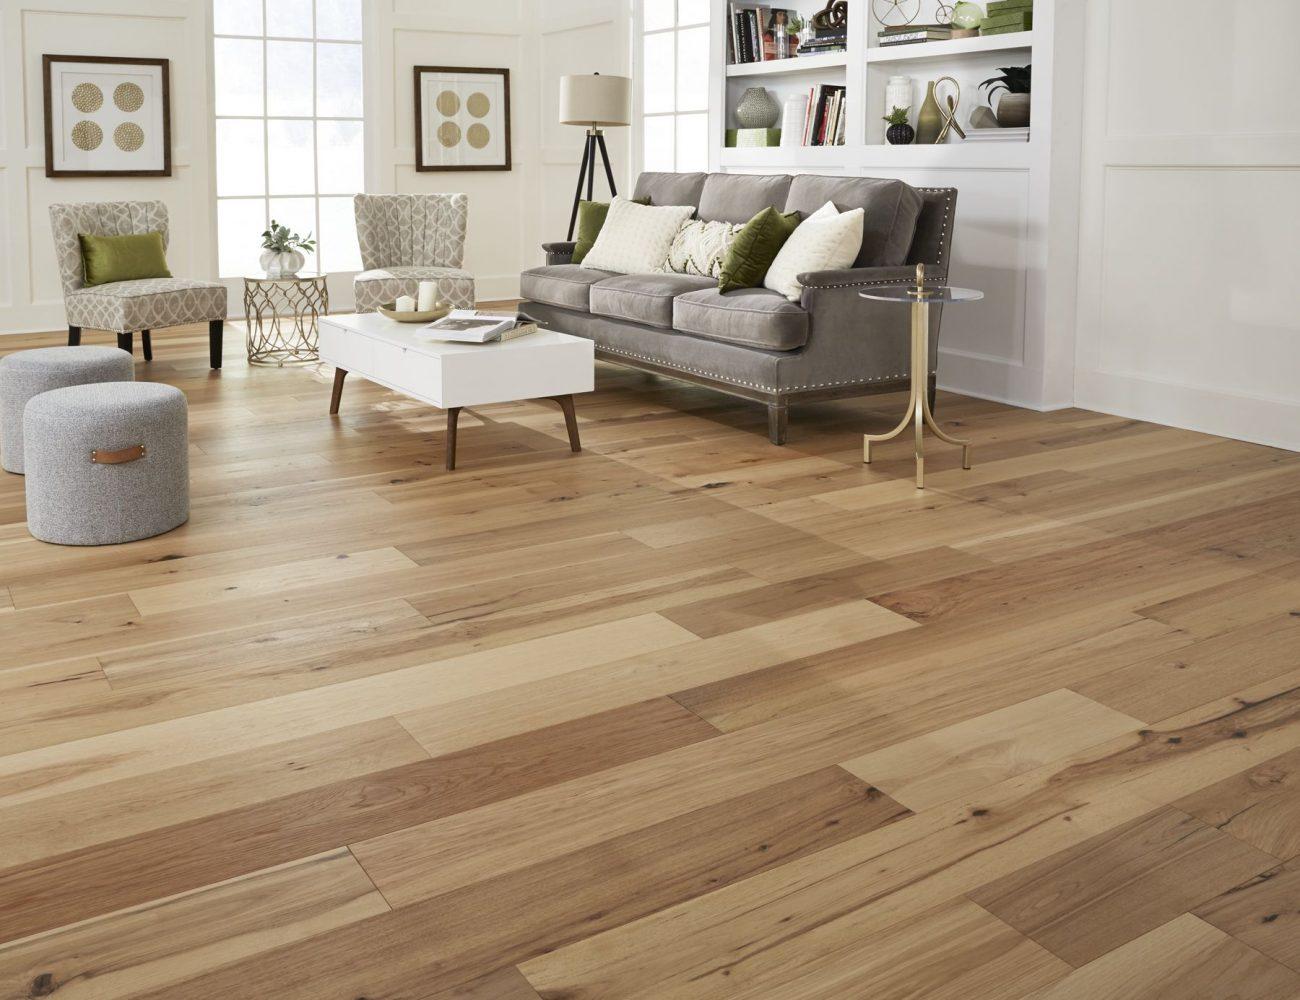 Mohawk Virginian Oak Laminate Flooring